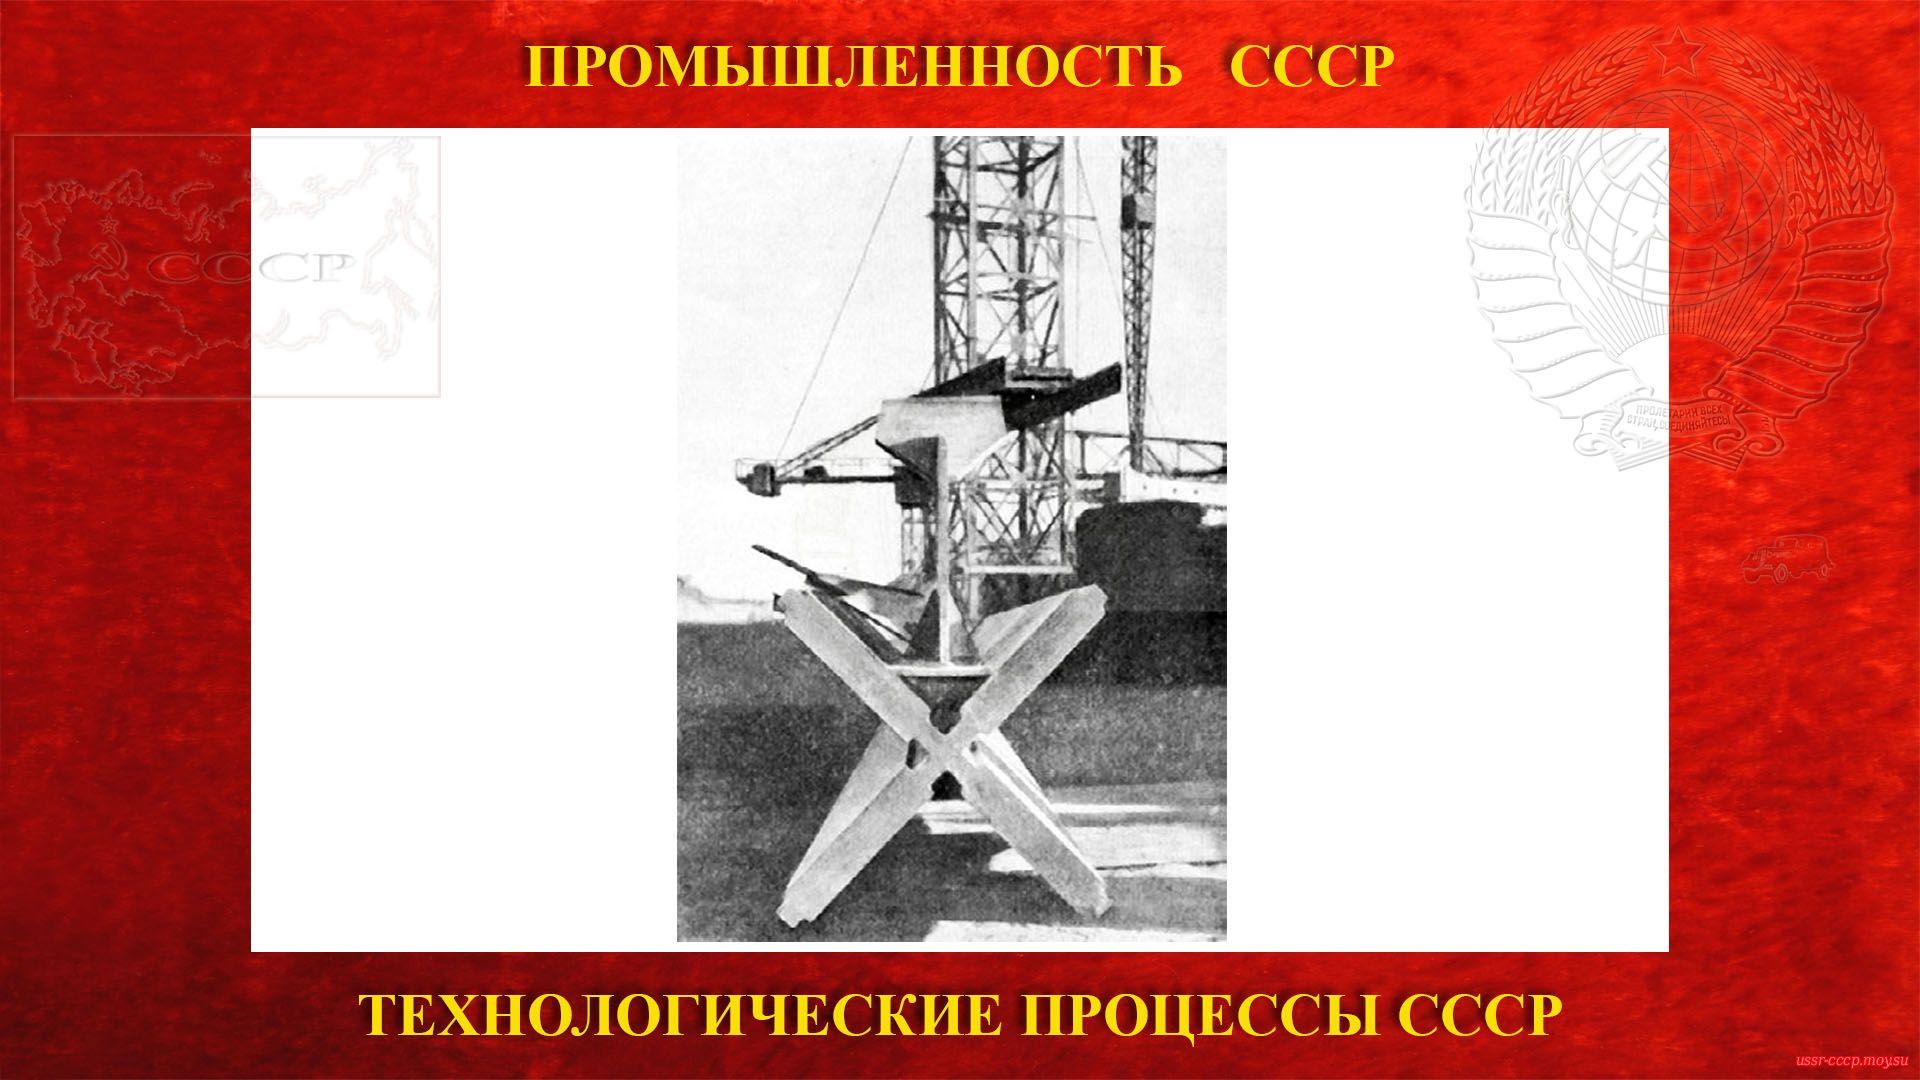 Основы металлических конструкций в СССР